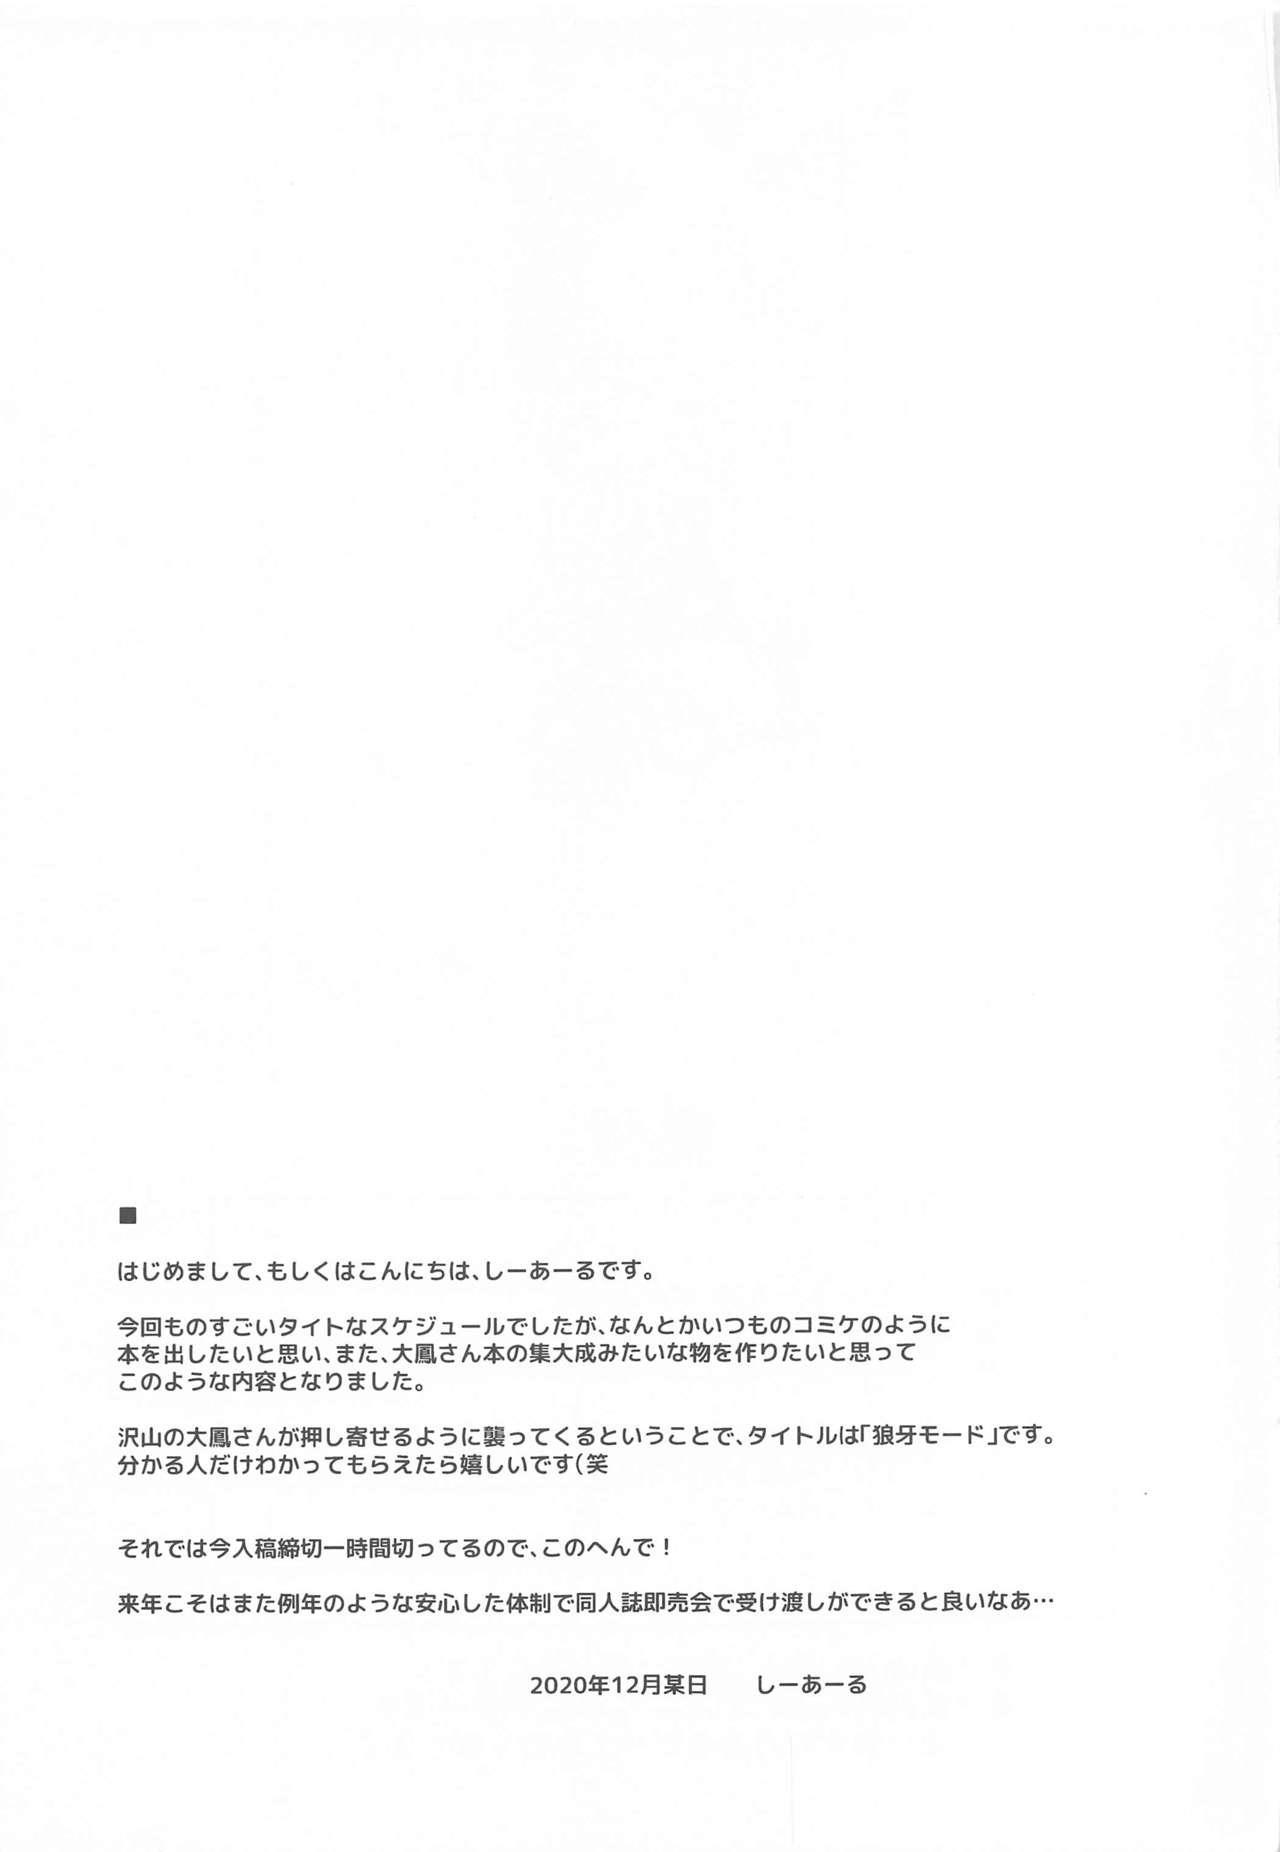 Kochira Taihou 03 23